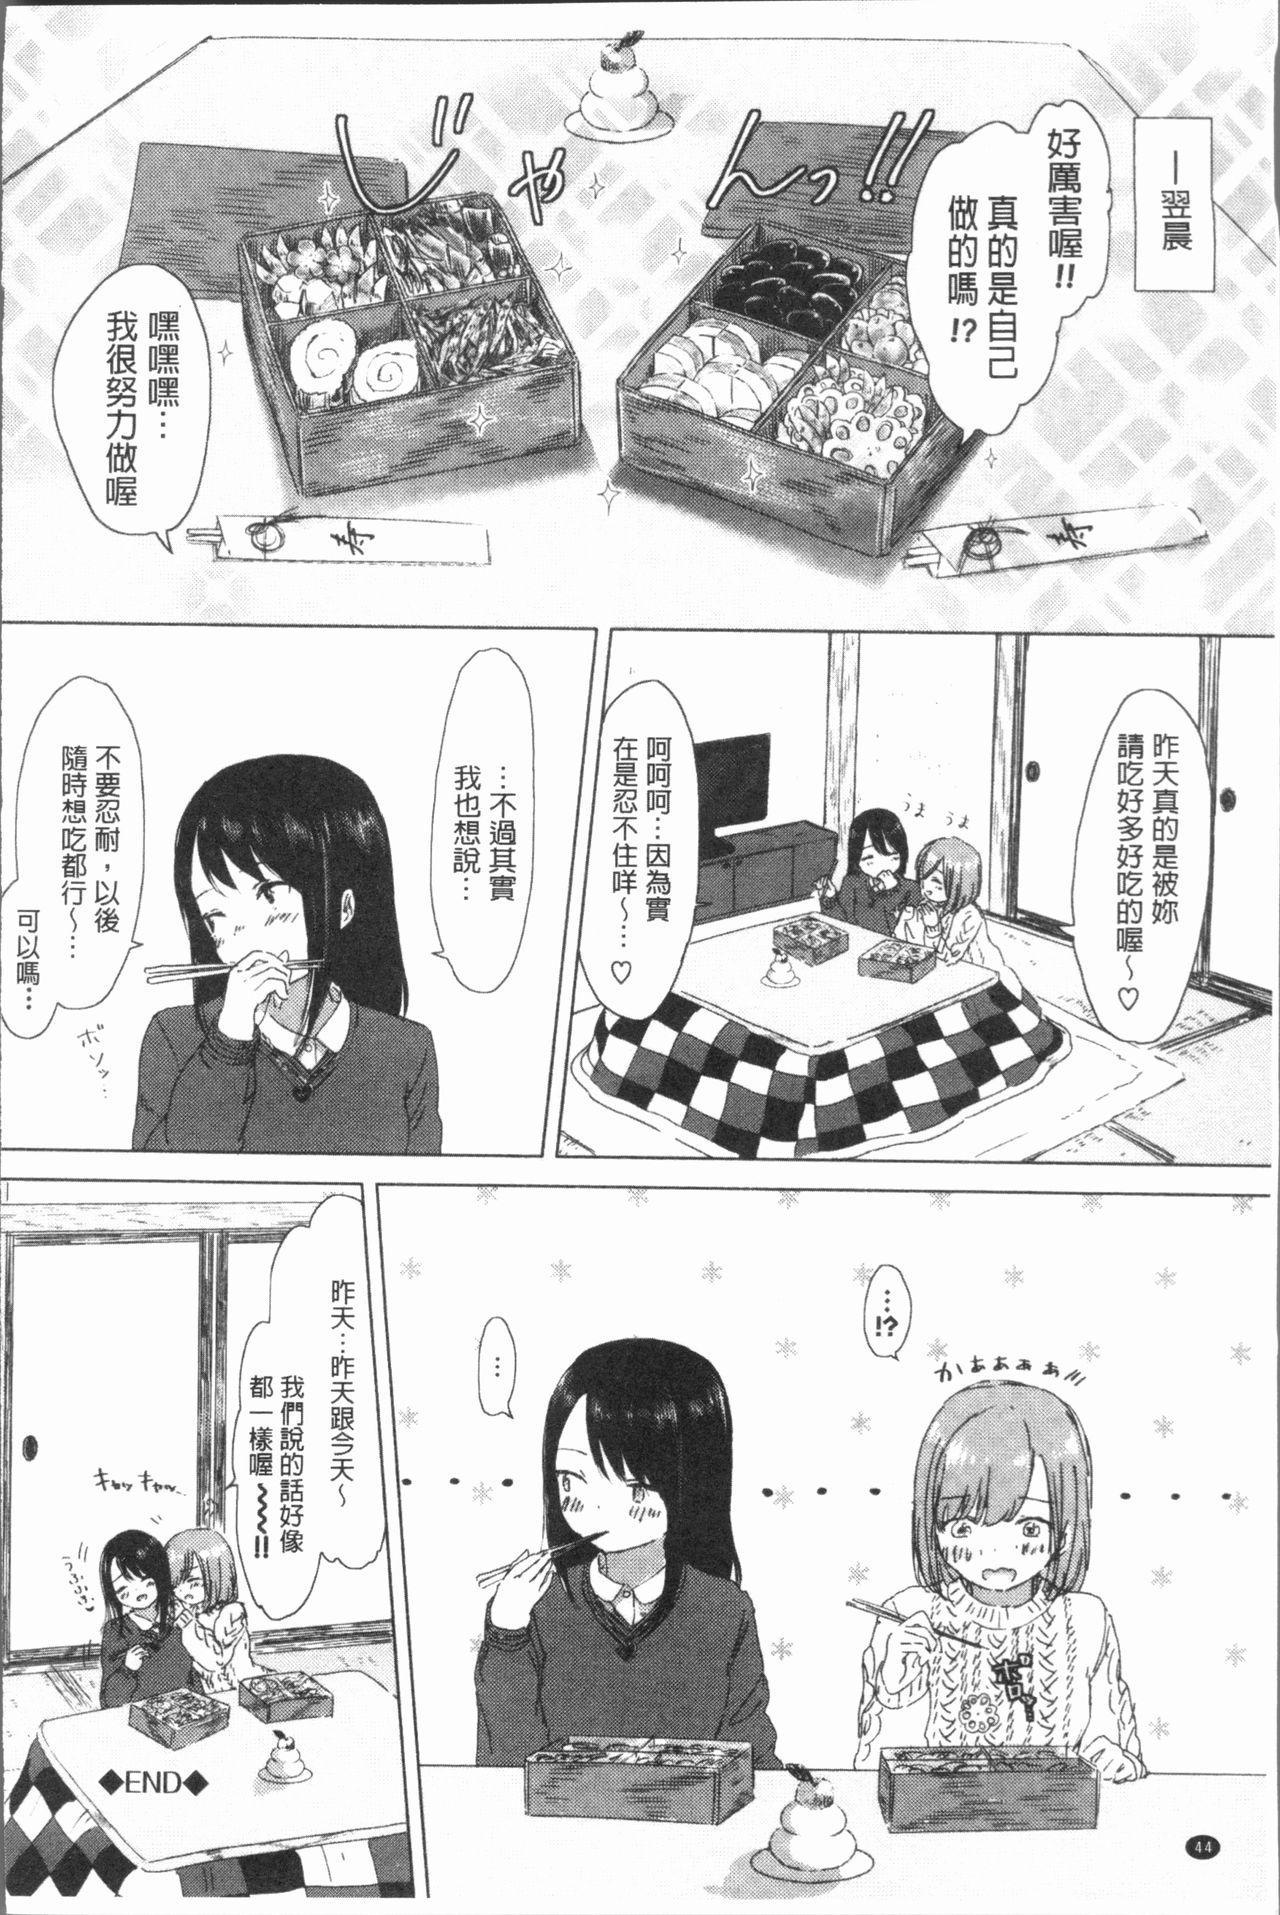 Yuri no Tsubomi ga Saku Koro ni 53